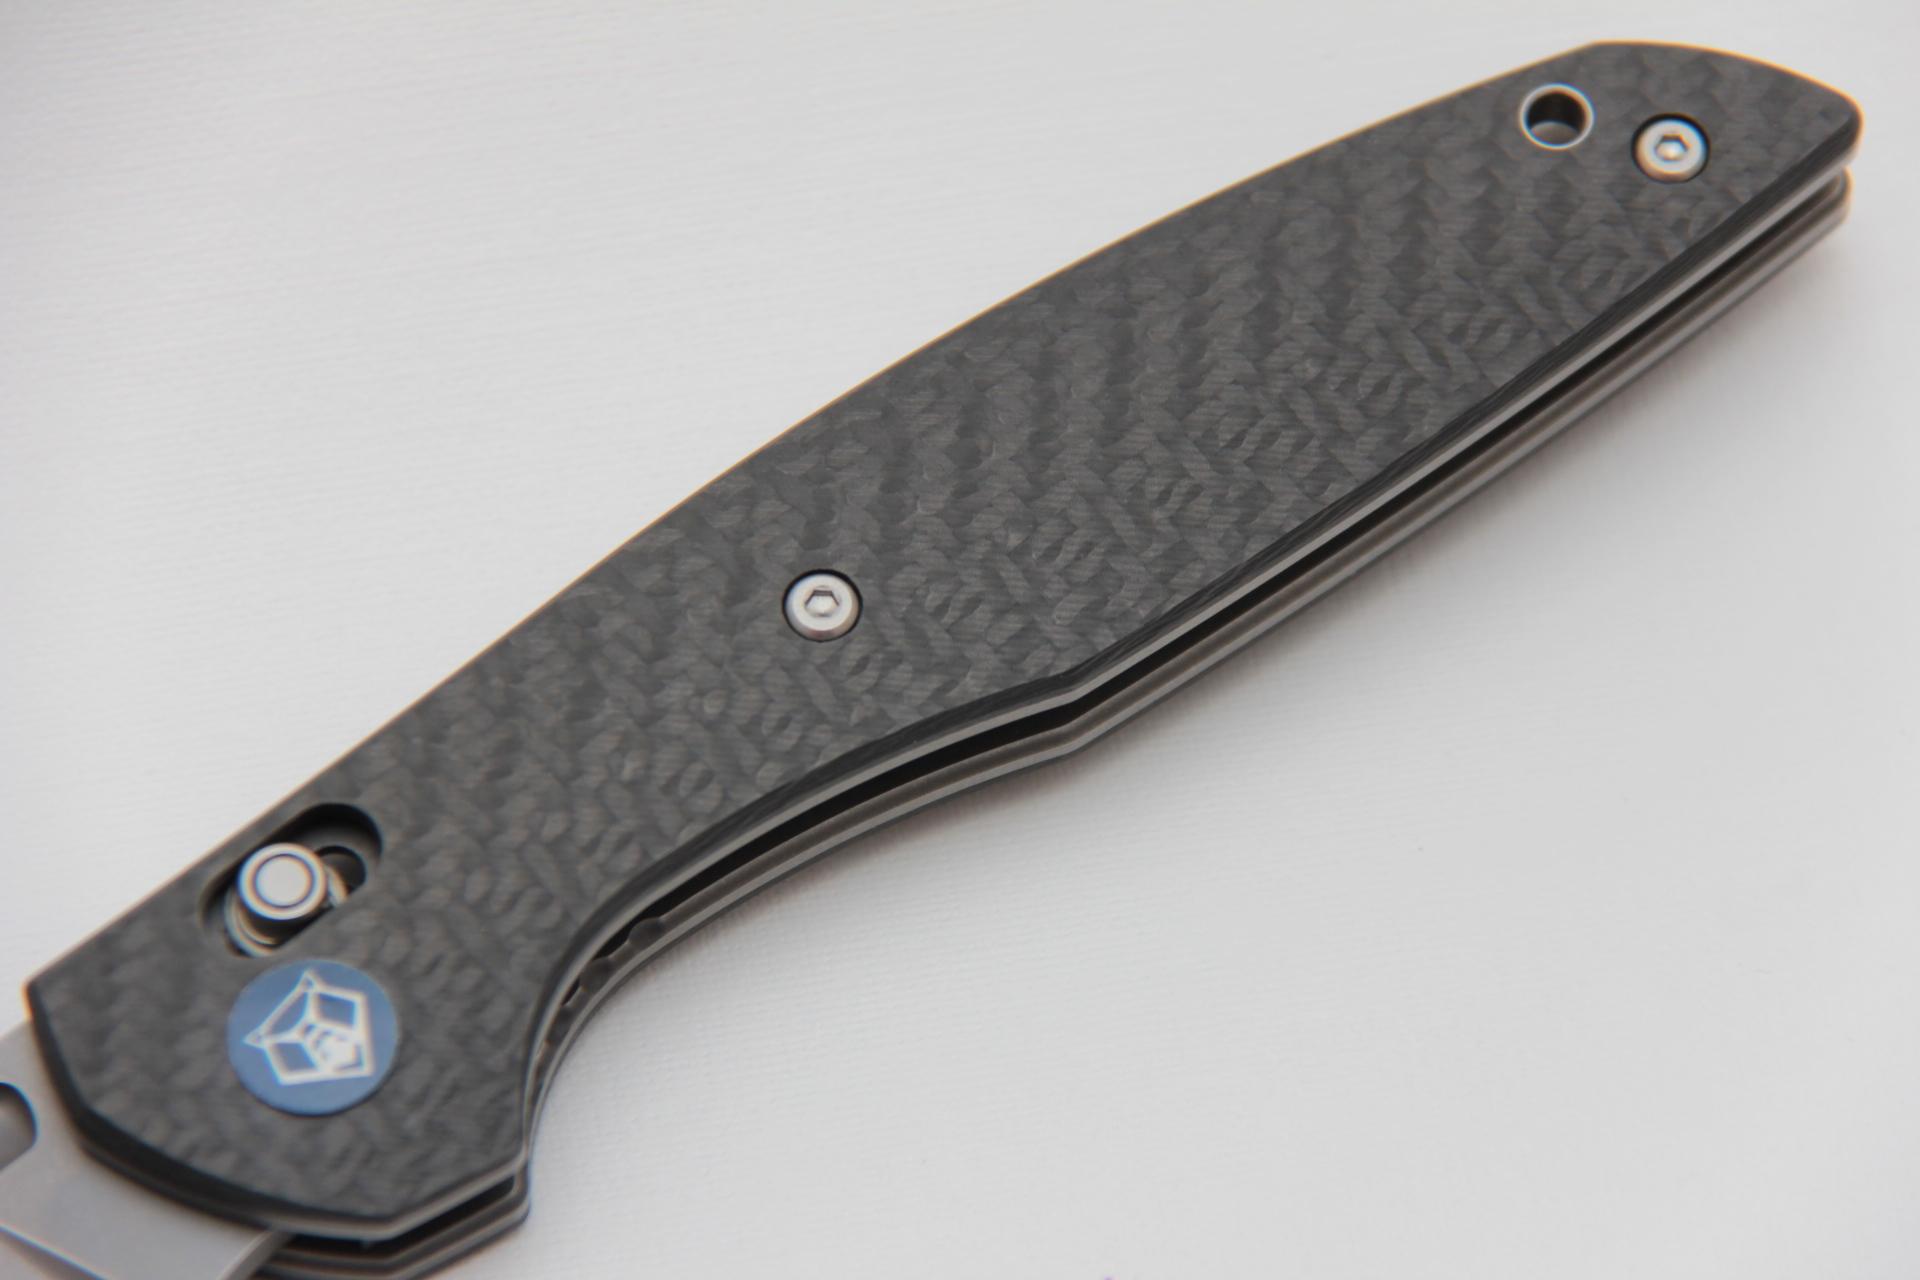 Нож Широгоров 110 S90V карбон 3D долы - фотография